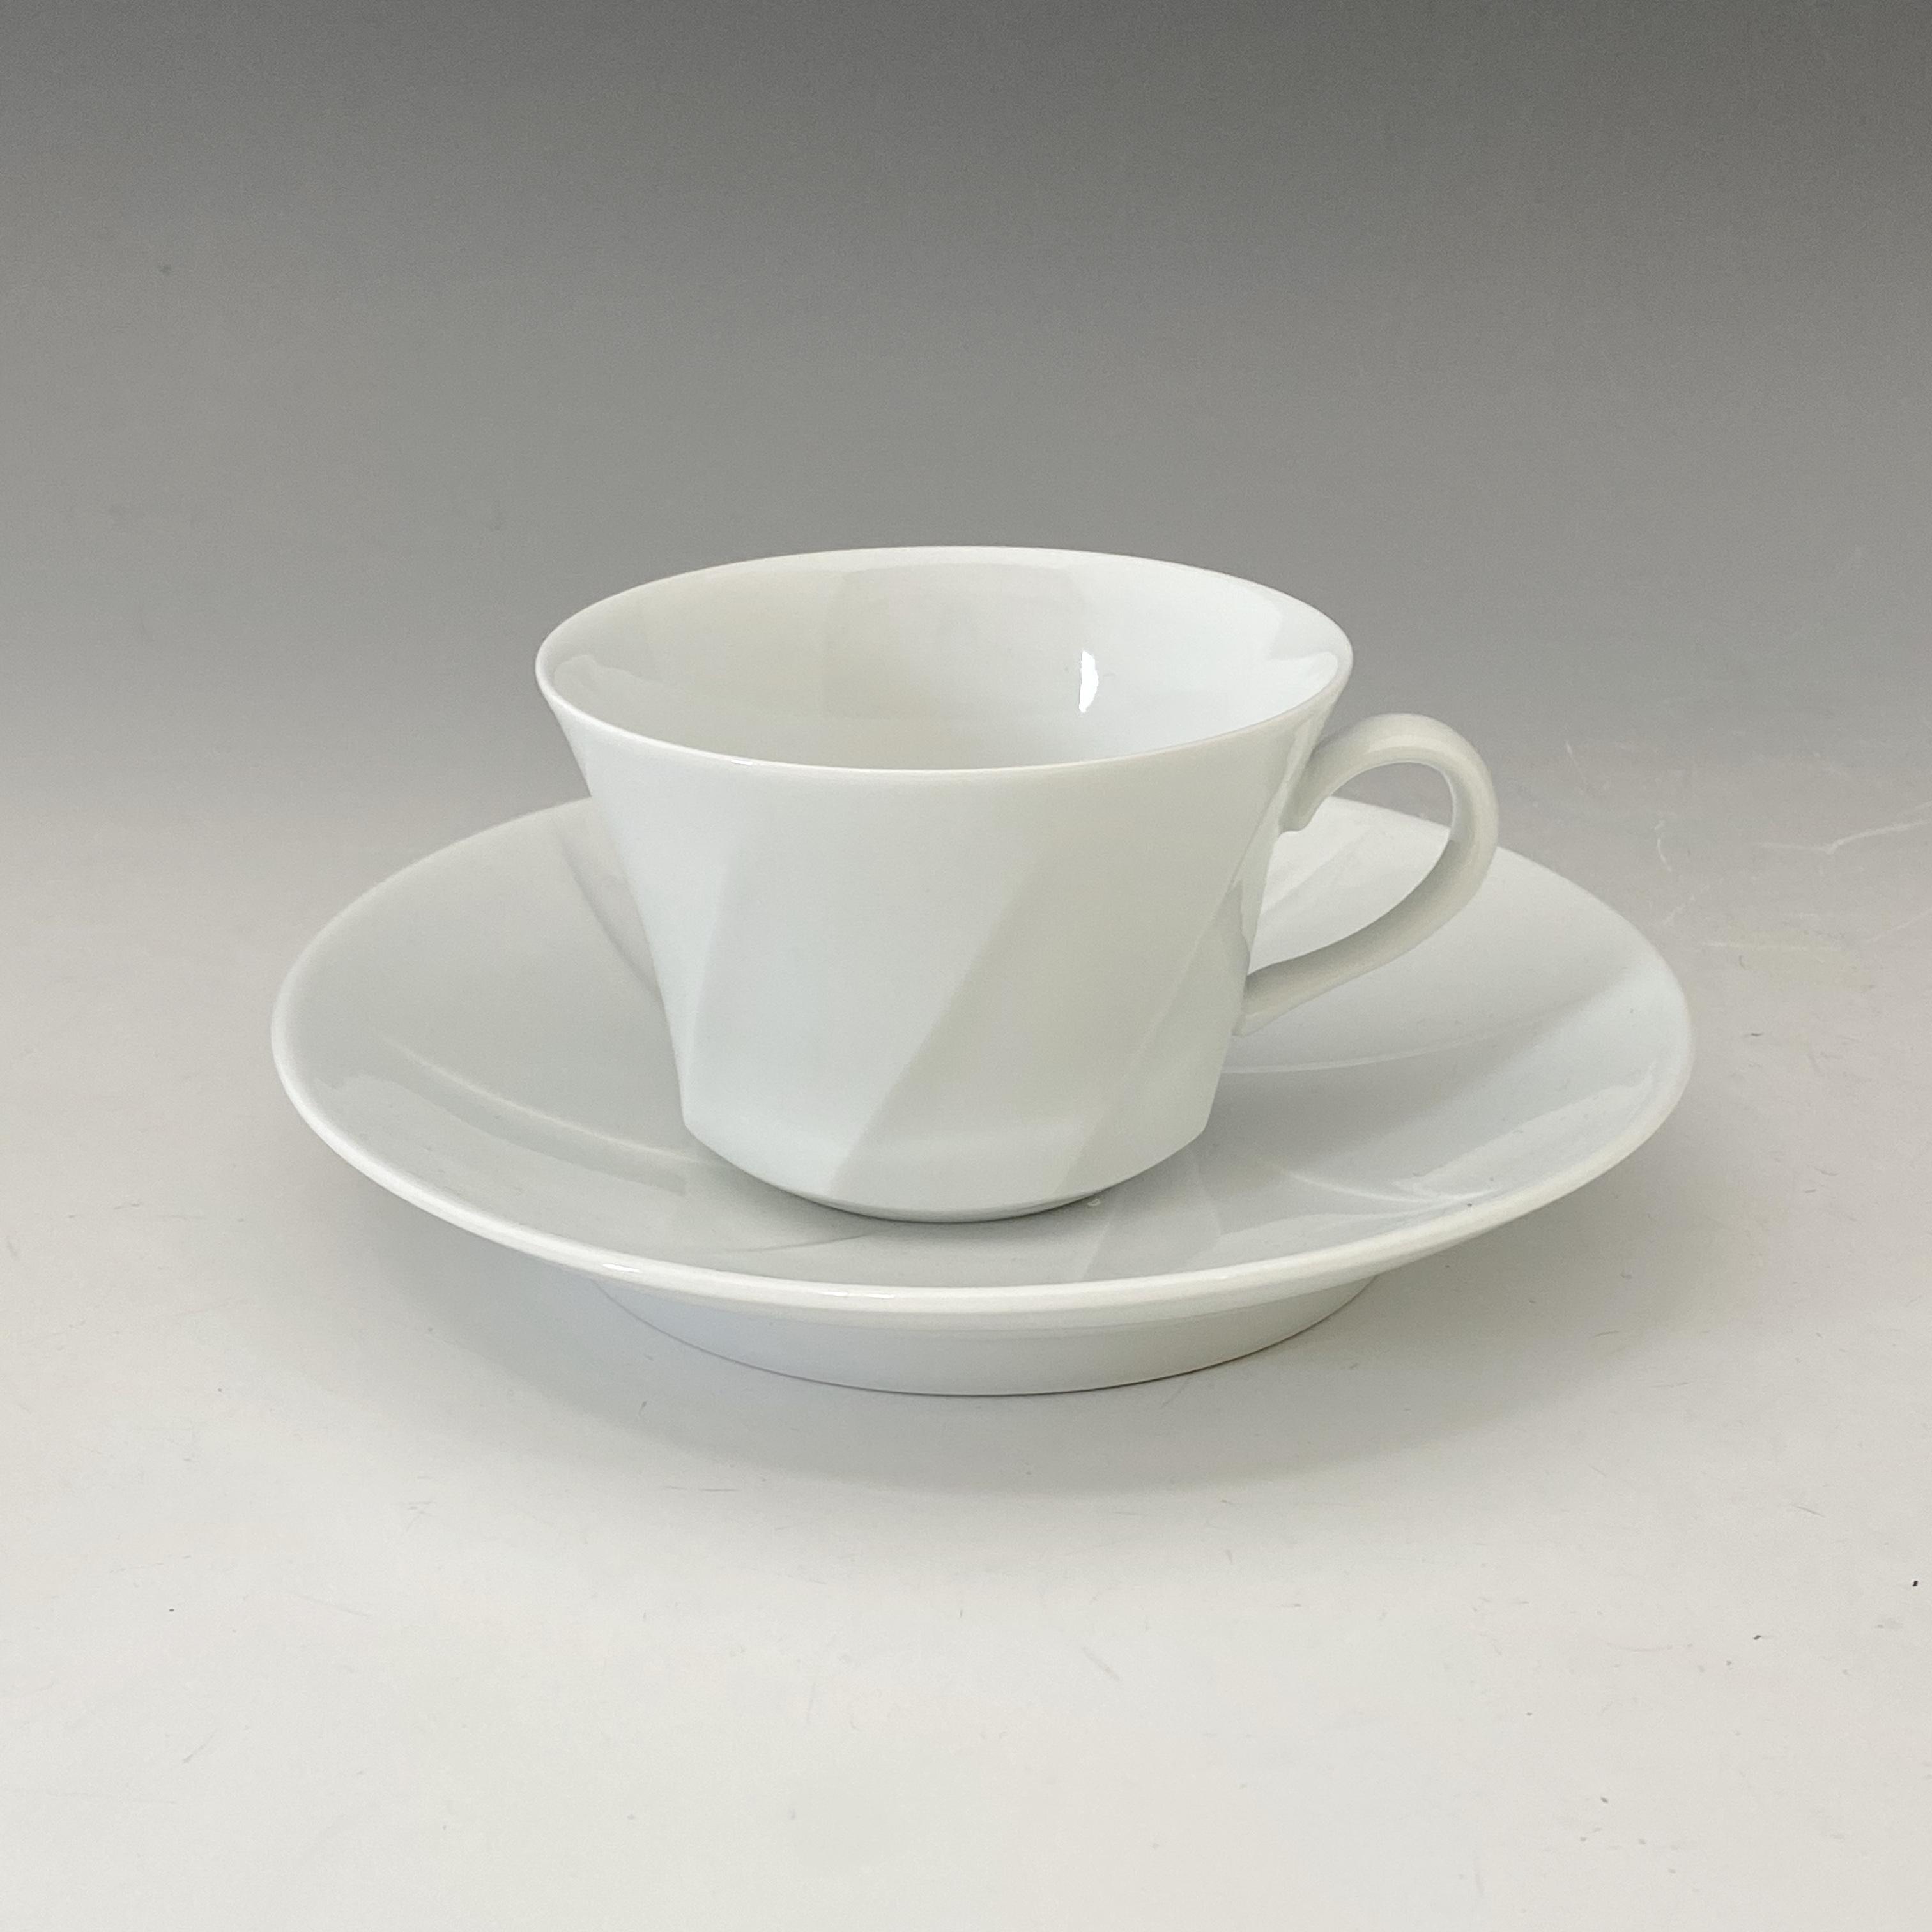 【中尾純】白磁紅茶碗皿(斜め)